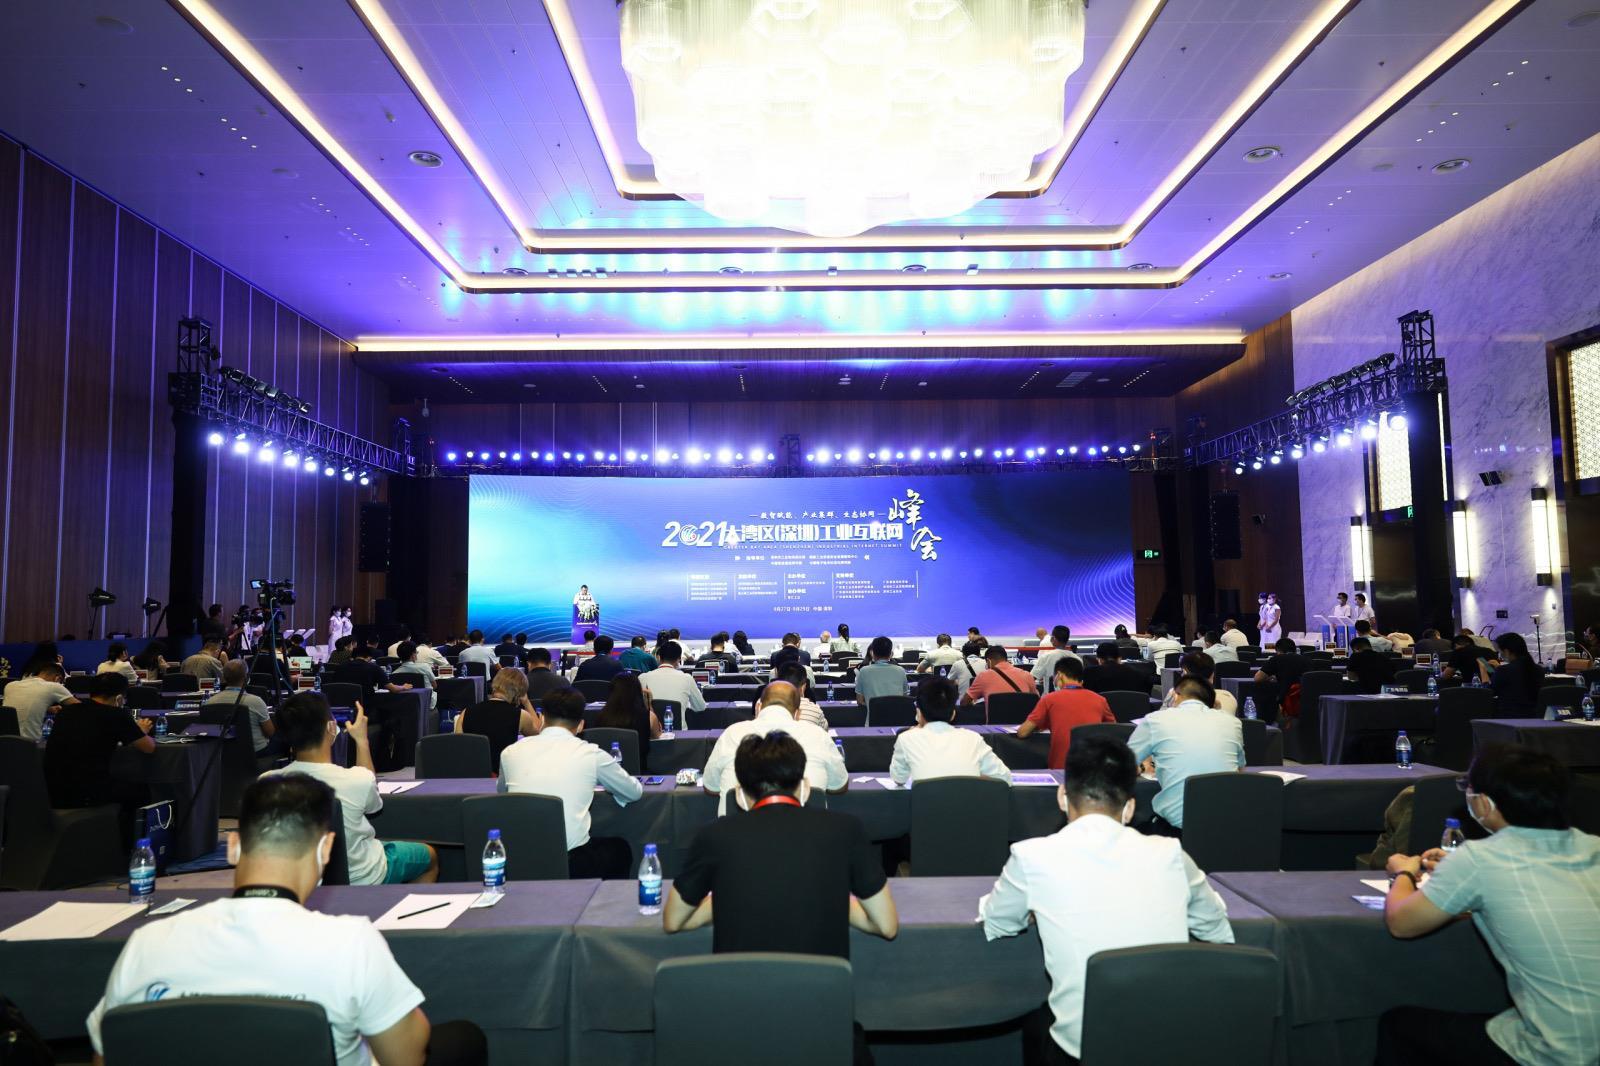 深圳市工业和信息化局副局长谭岱:深圳已成为大湾区制造业数字化转型的重要引擎